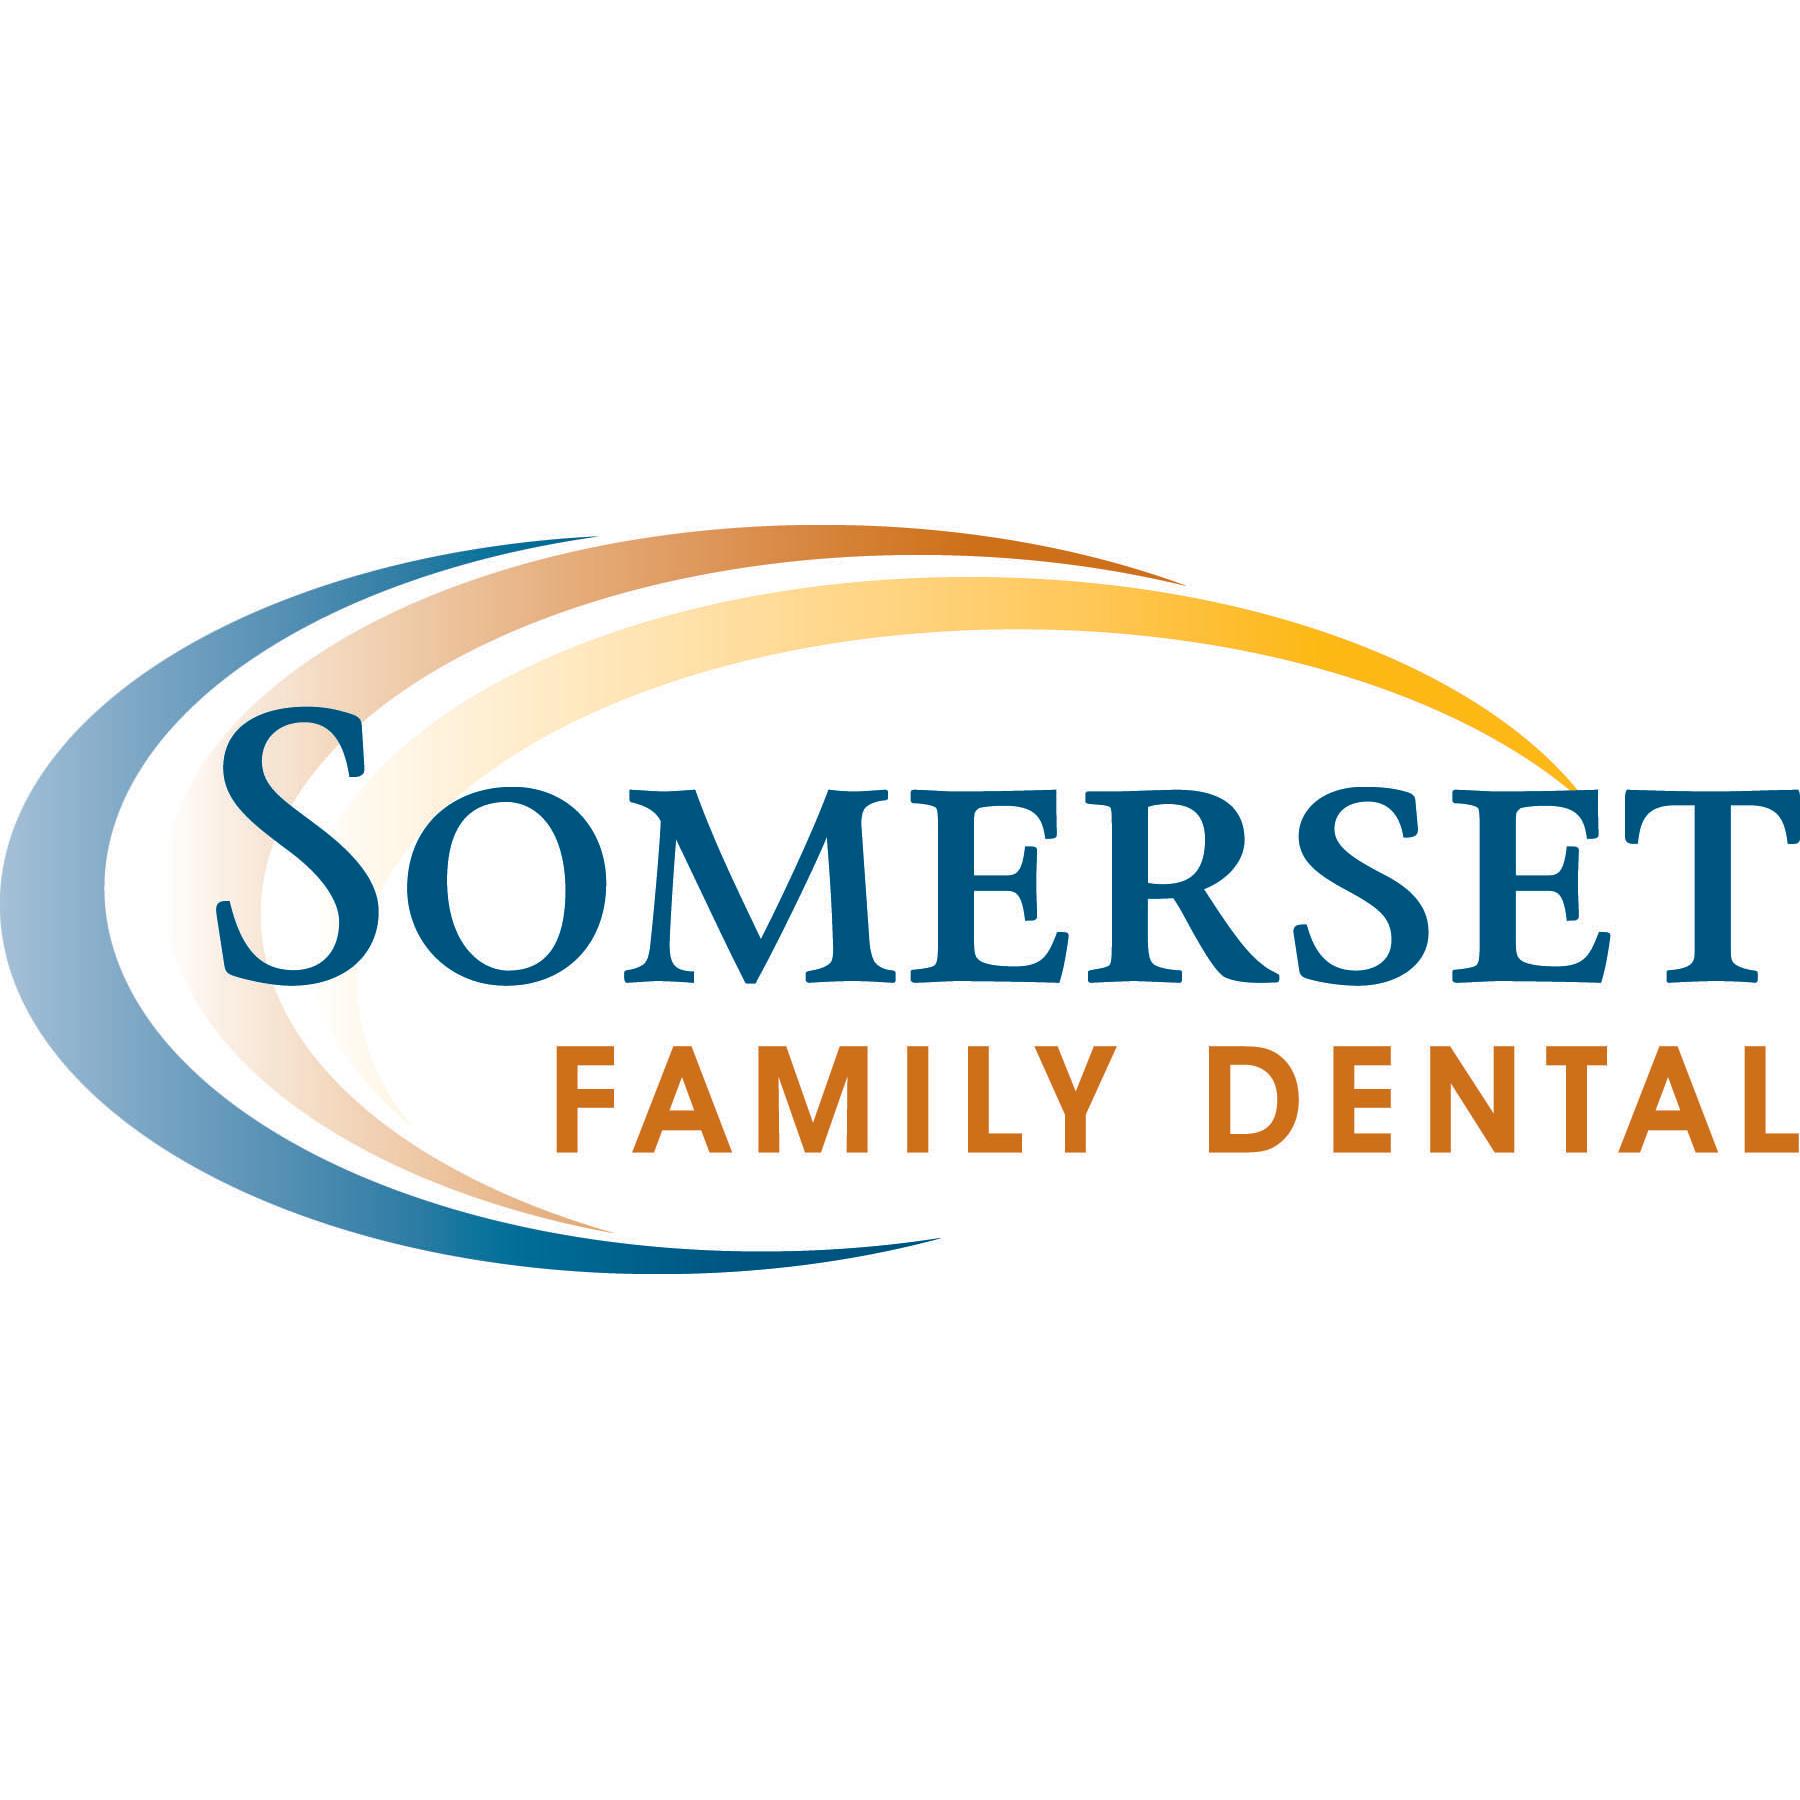 Somerset Family Dental